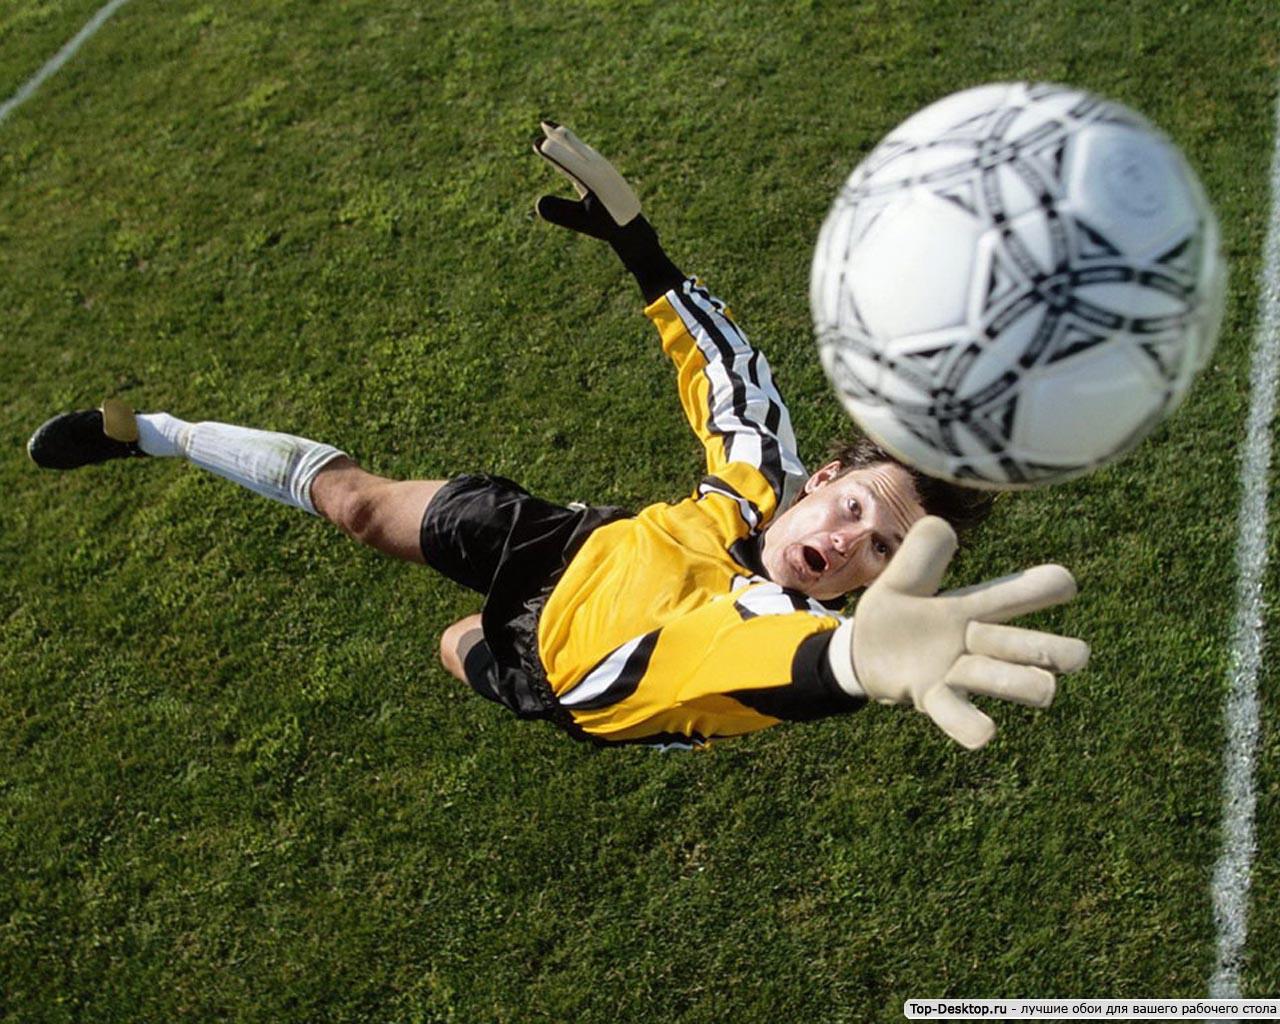 Футбольные картинки для рабочего